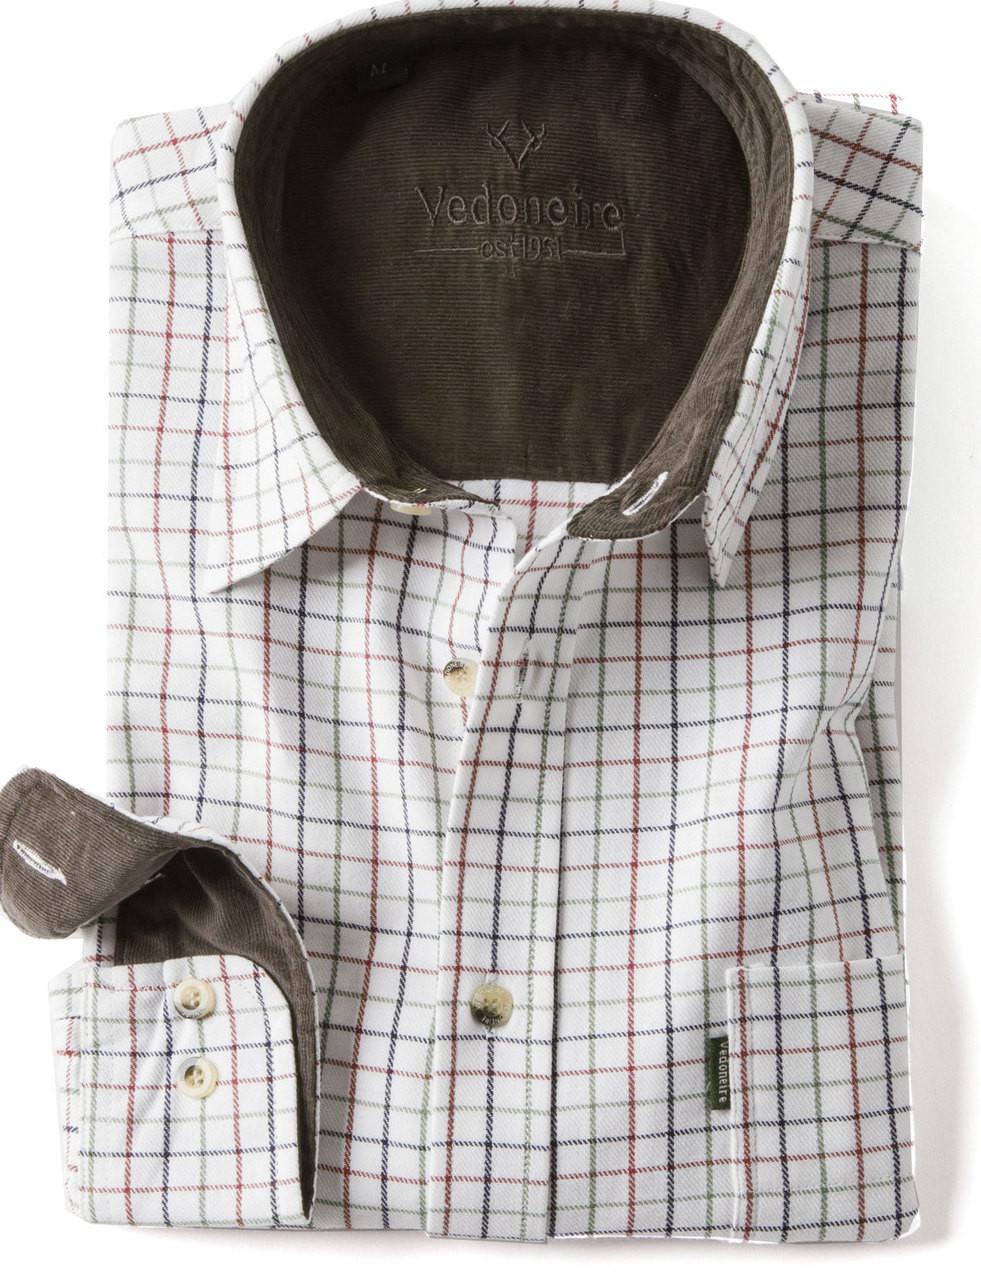 16c5e5b4 Mens Brushed Cotton Tattersall Shirt (2280) Navy Tattersall